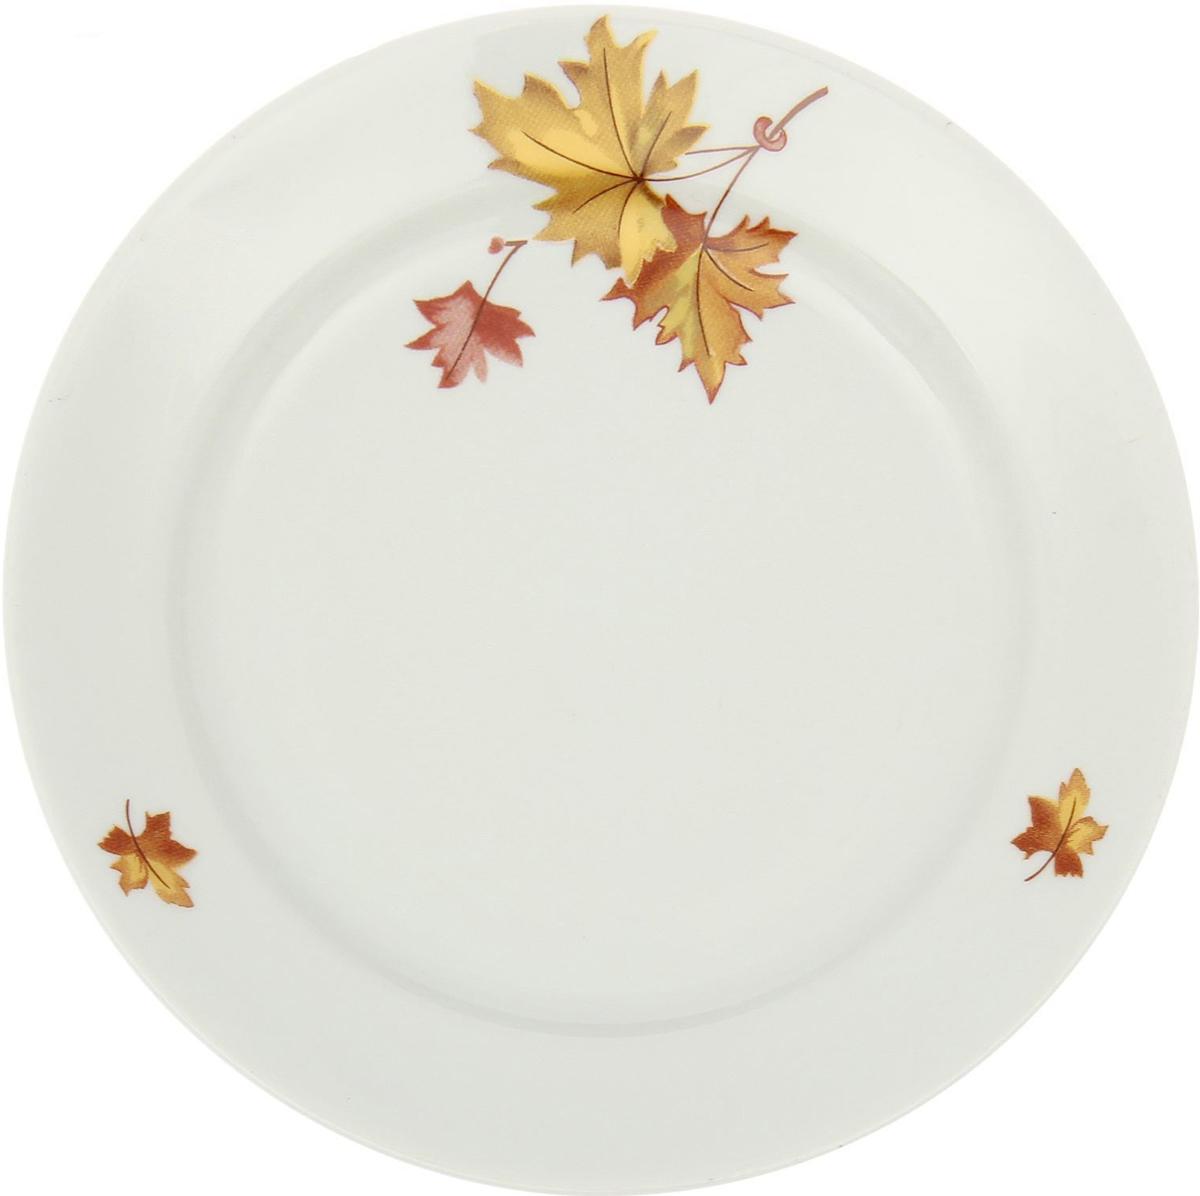 """Тарелка глубокая """"Клен"""" классической формы.Глубокая тарелка подходит для сервировки стола и подачи первых блюд.Изделие выполнено из фарфора в соответствии с ГОСТ, что говорит о высоком качестве. Тарелку можно мыть в посудомоечной машине."""